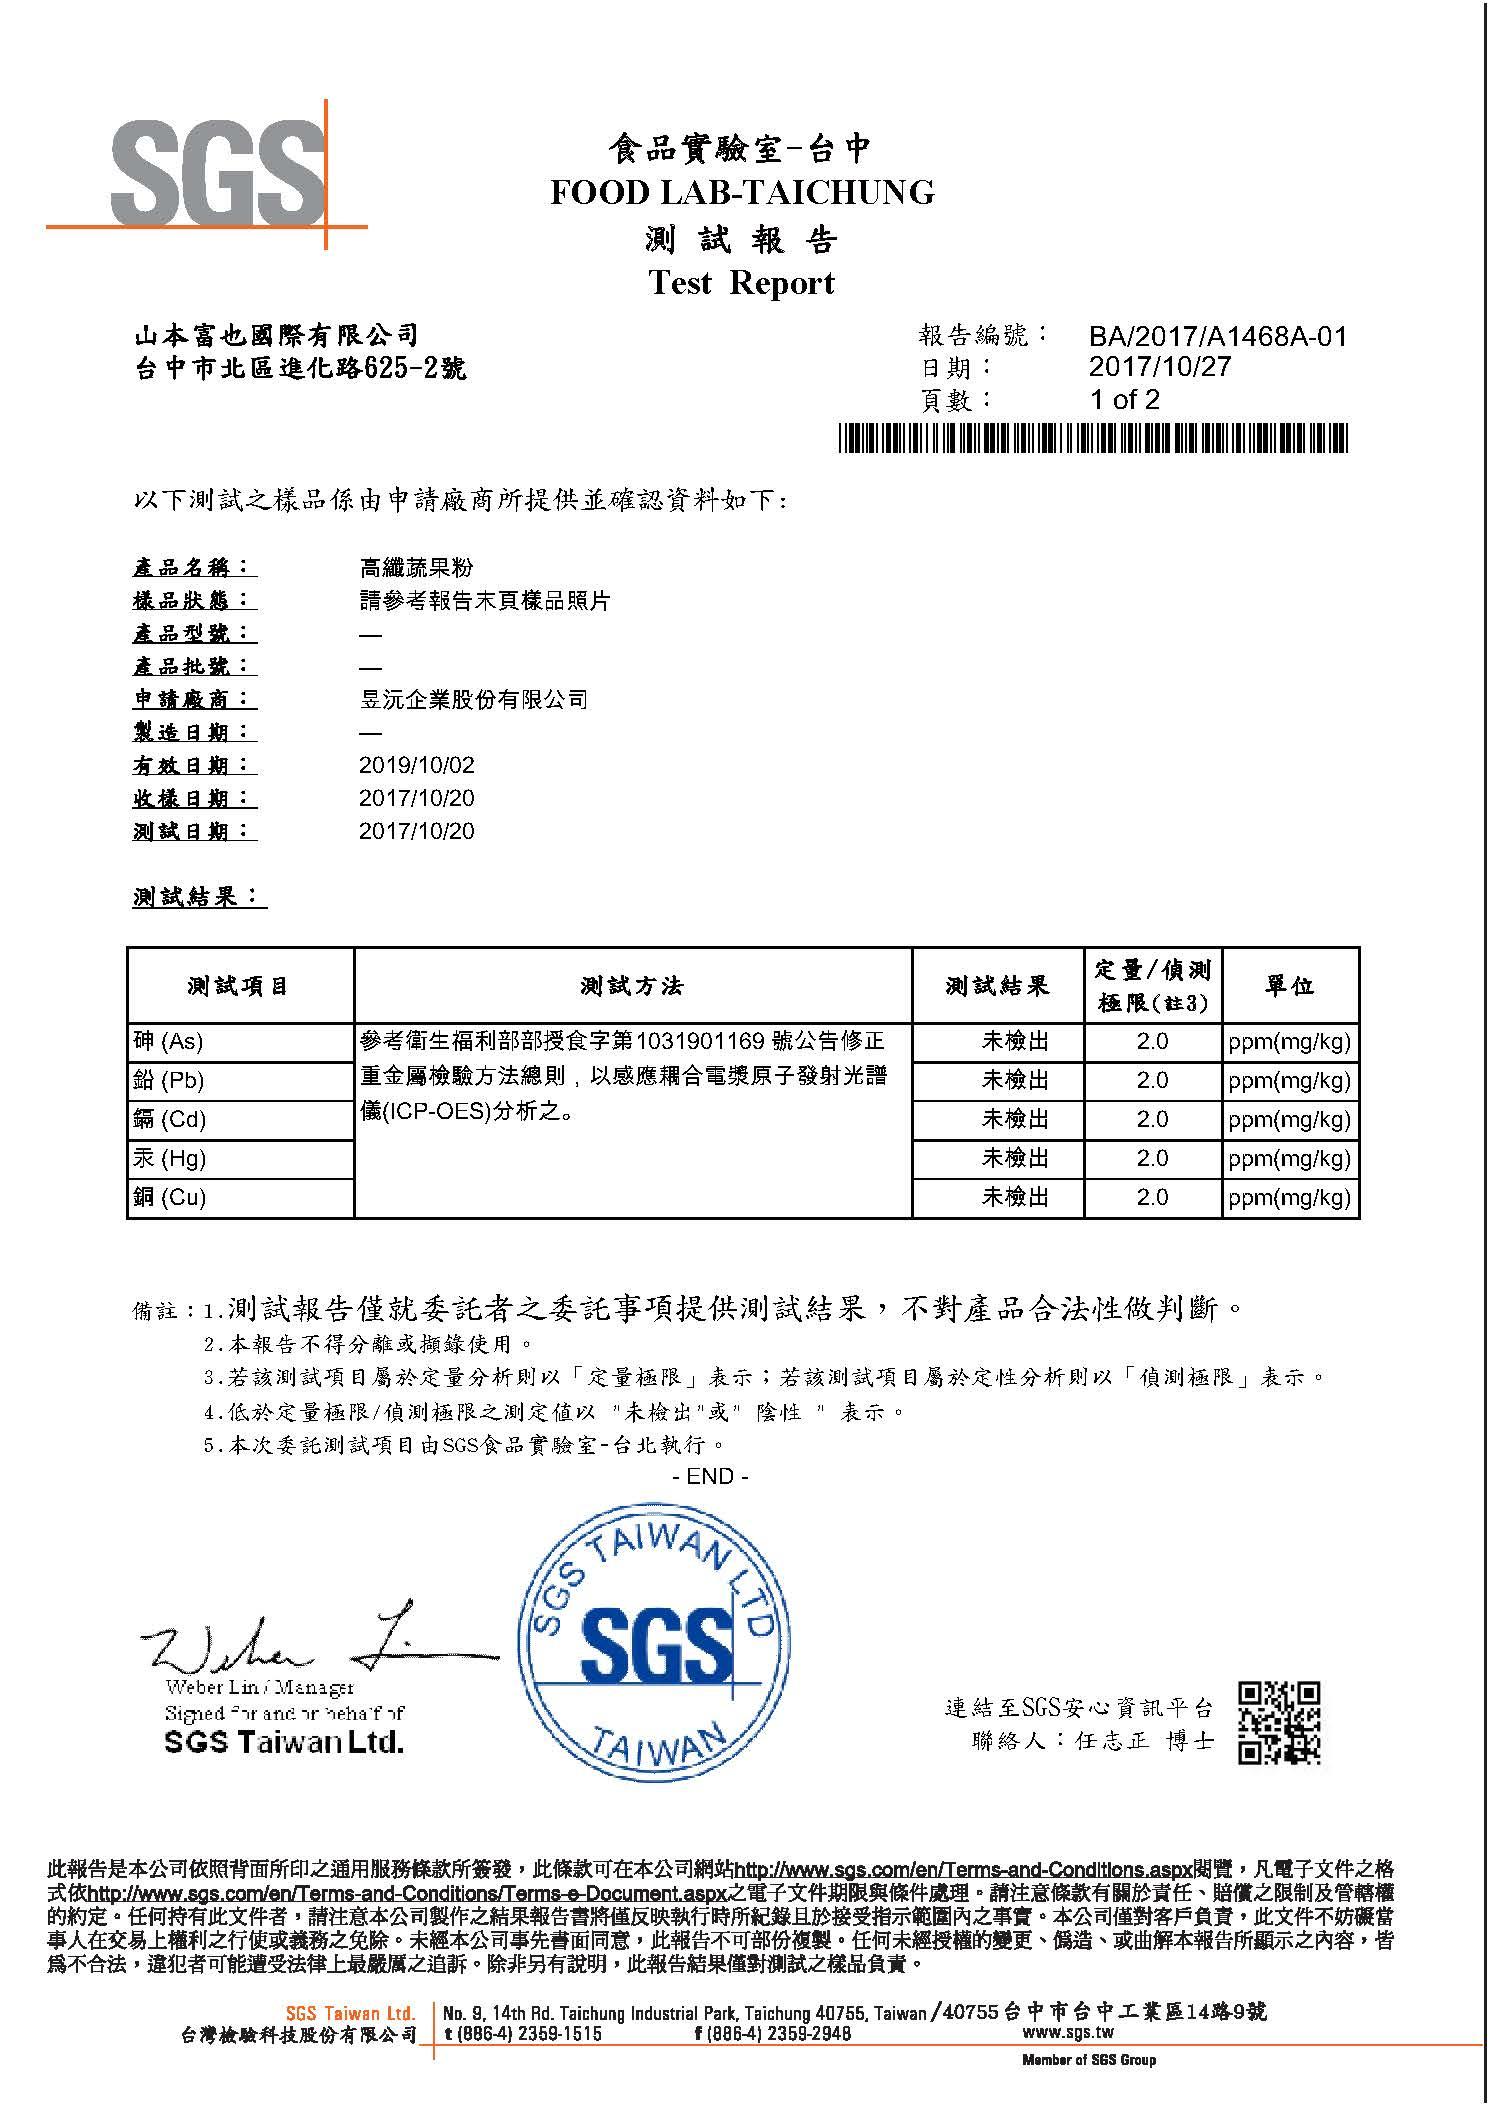 山本富也-高纖蔬果粉(重金屬5項)檢驗報告1061019_頁面_1.jpg